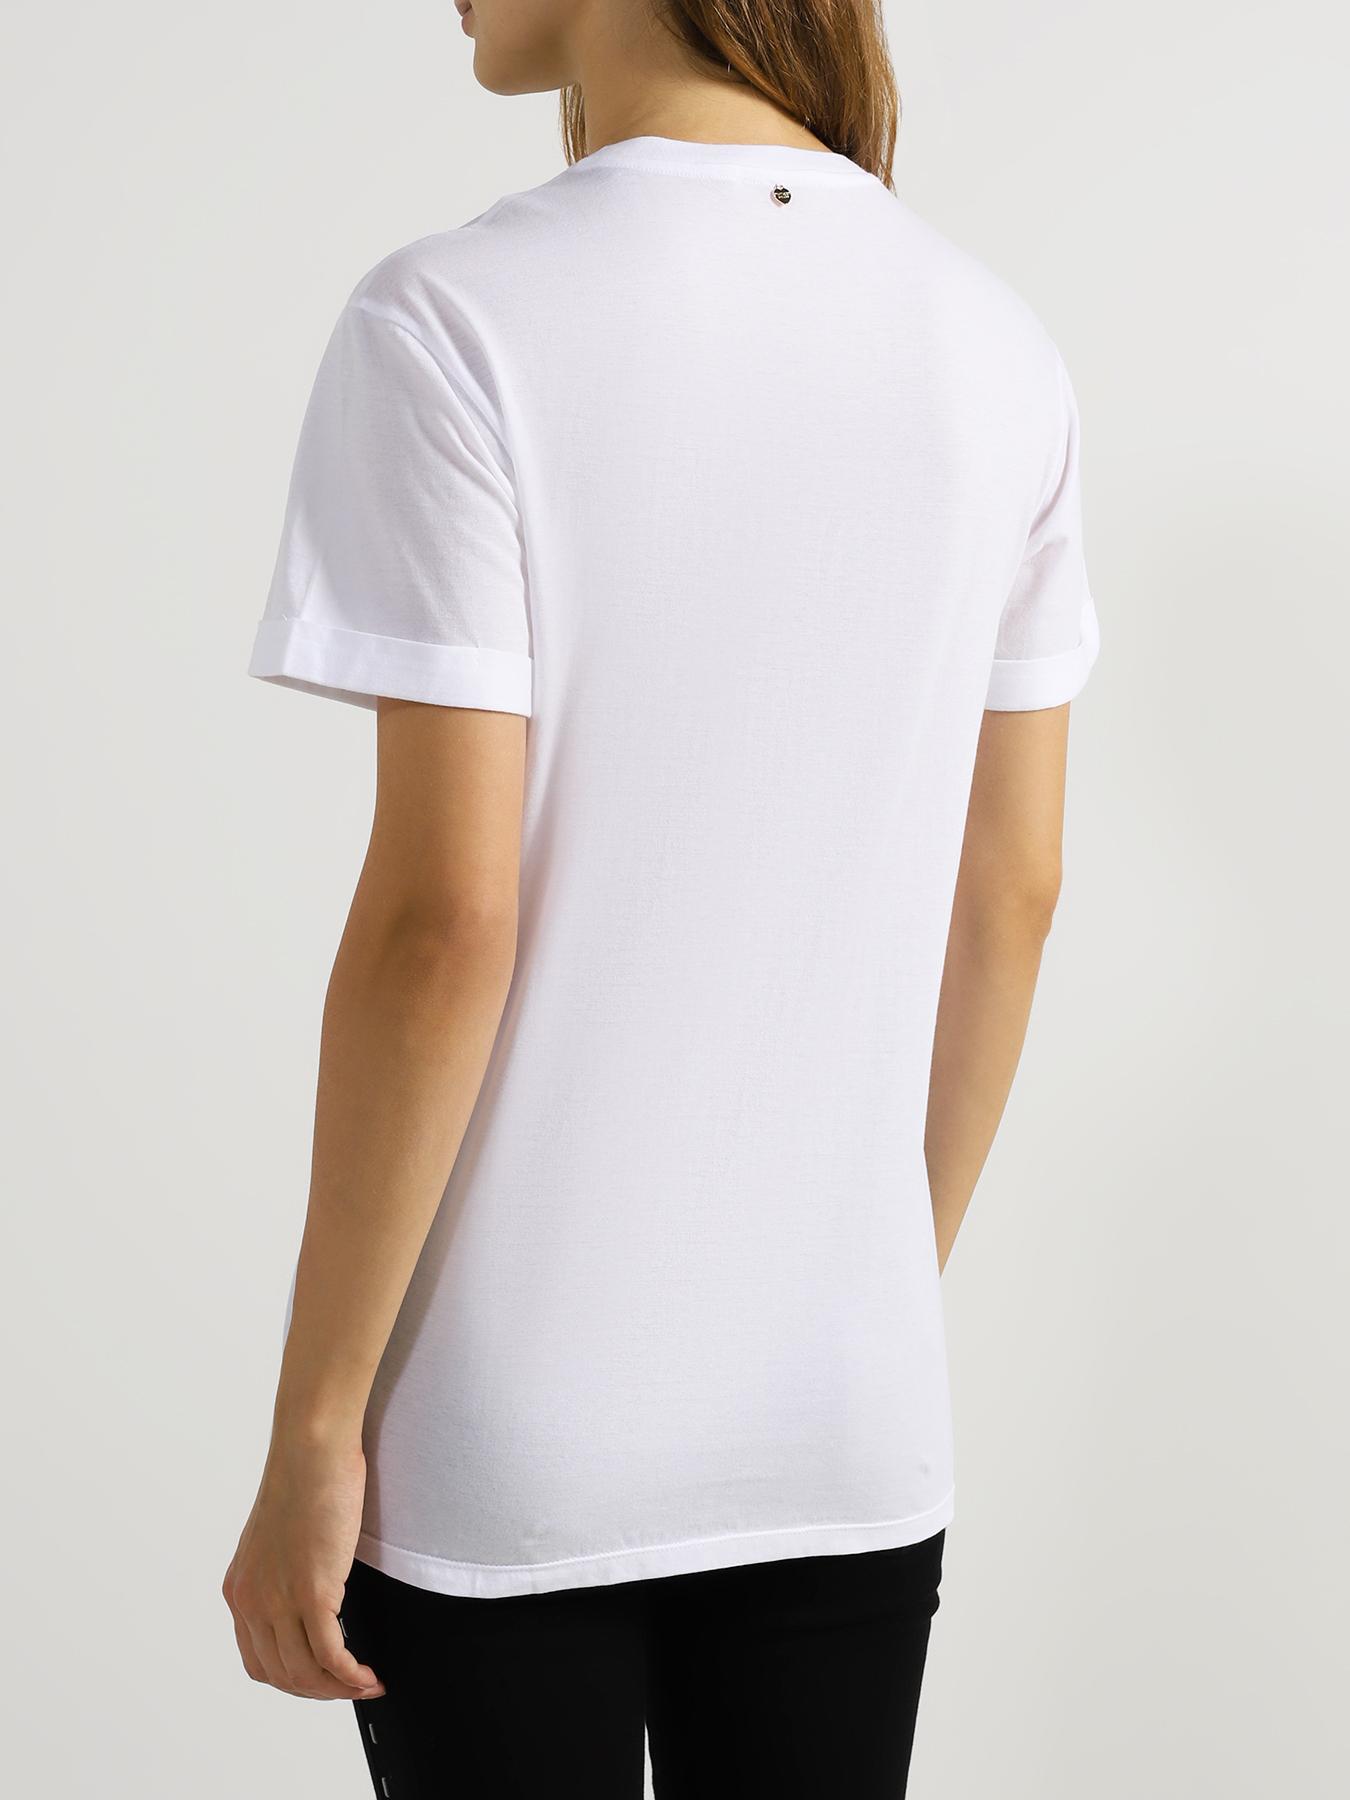 TWINSET Женская футболка 349626-042 Фото 2